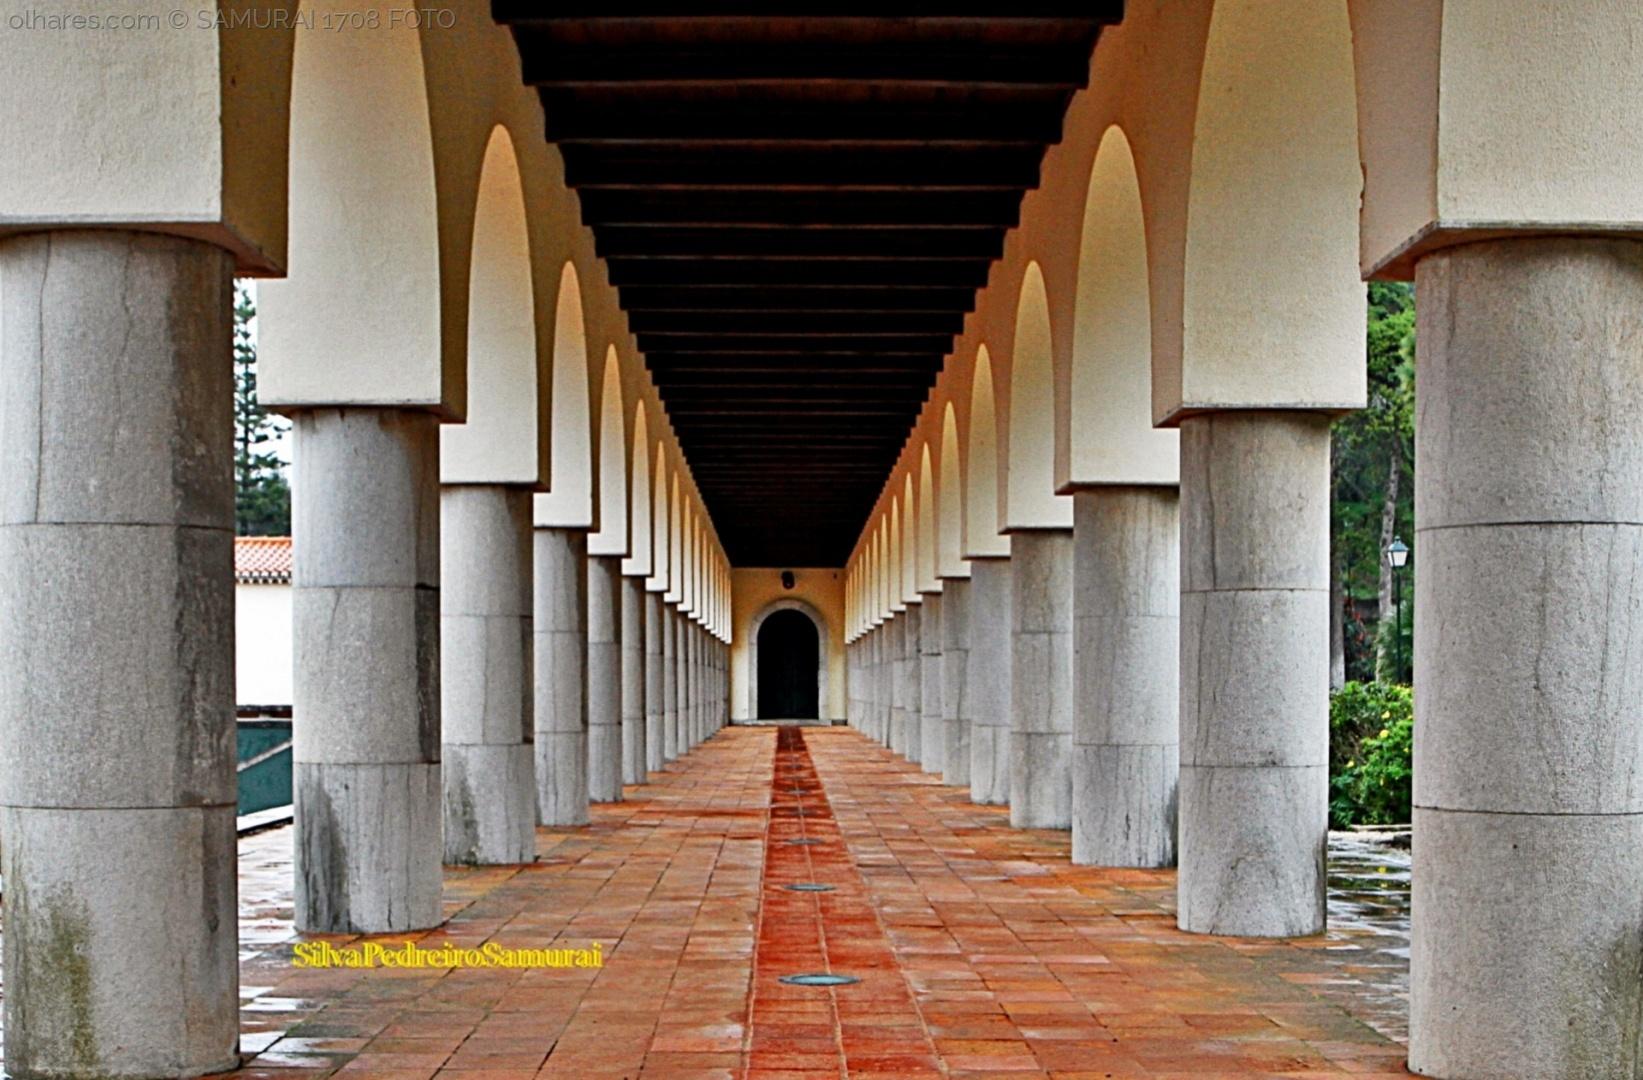 Arquitetura/AO  FUNDO  , PORTA FECHADA  !!!